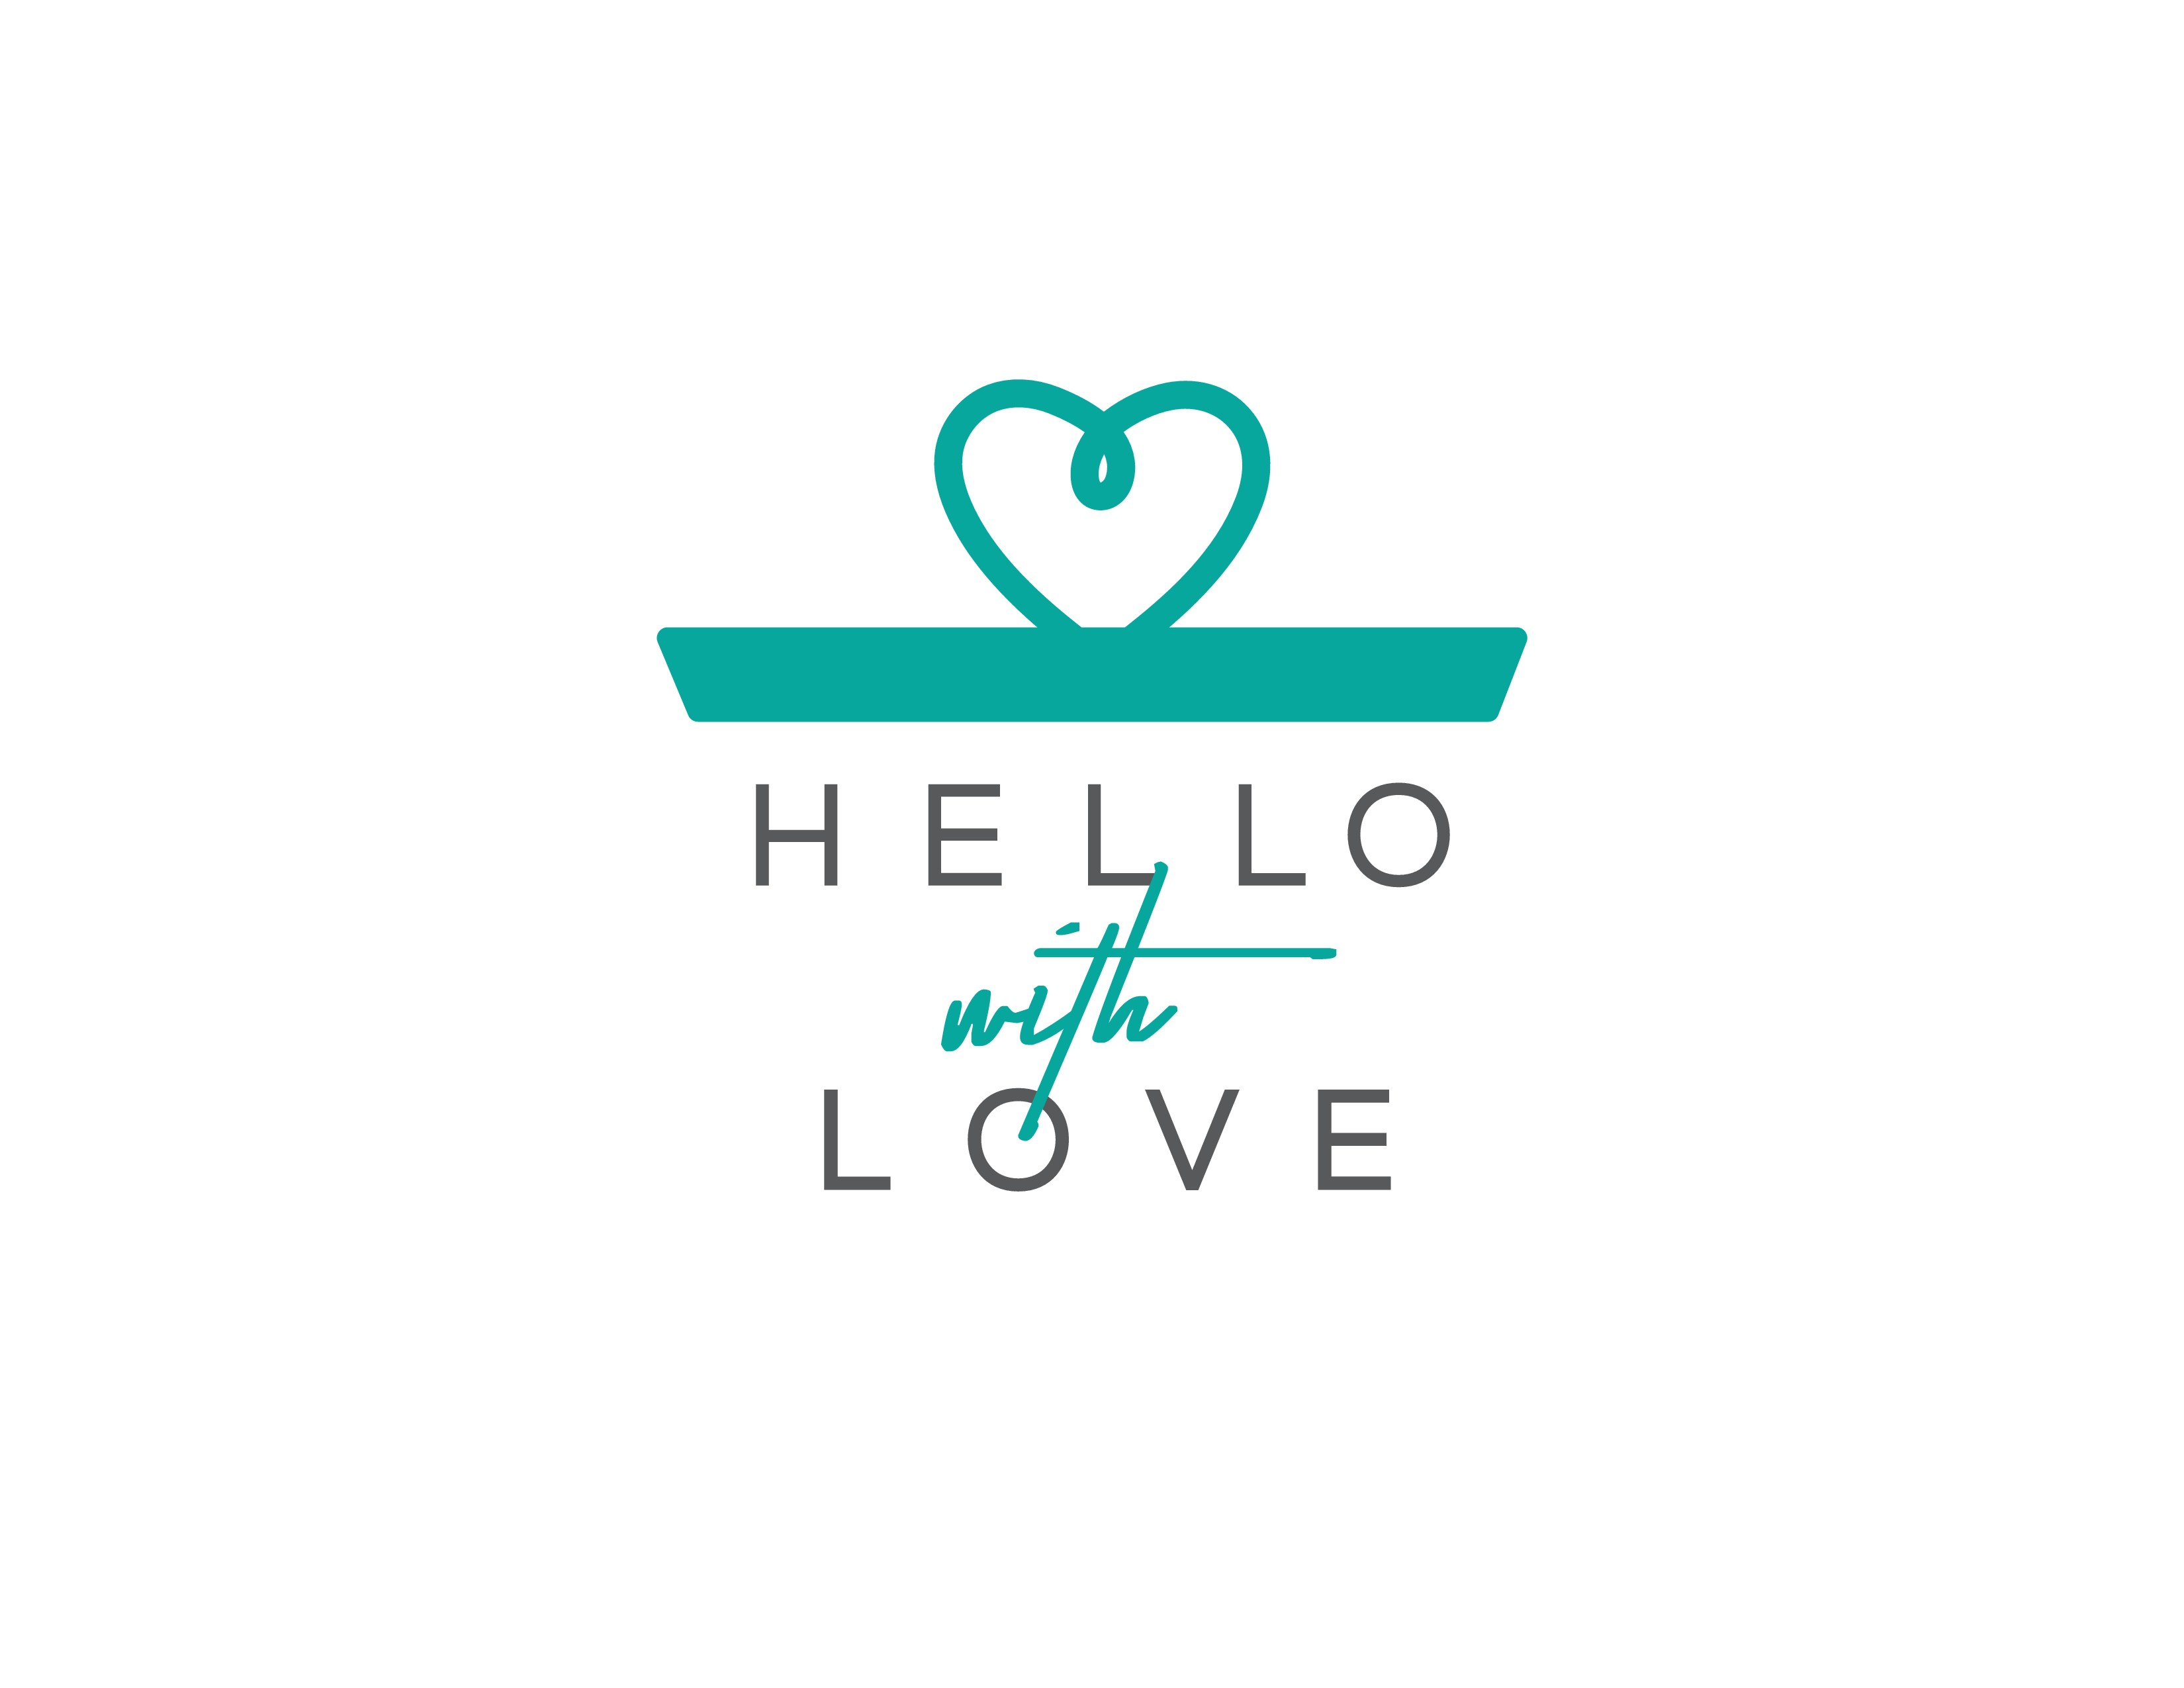 Luxury Gift Box startup needs awesome logo